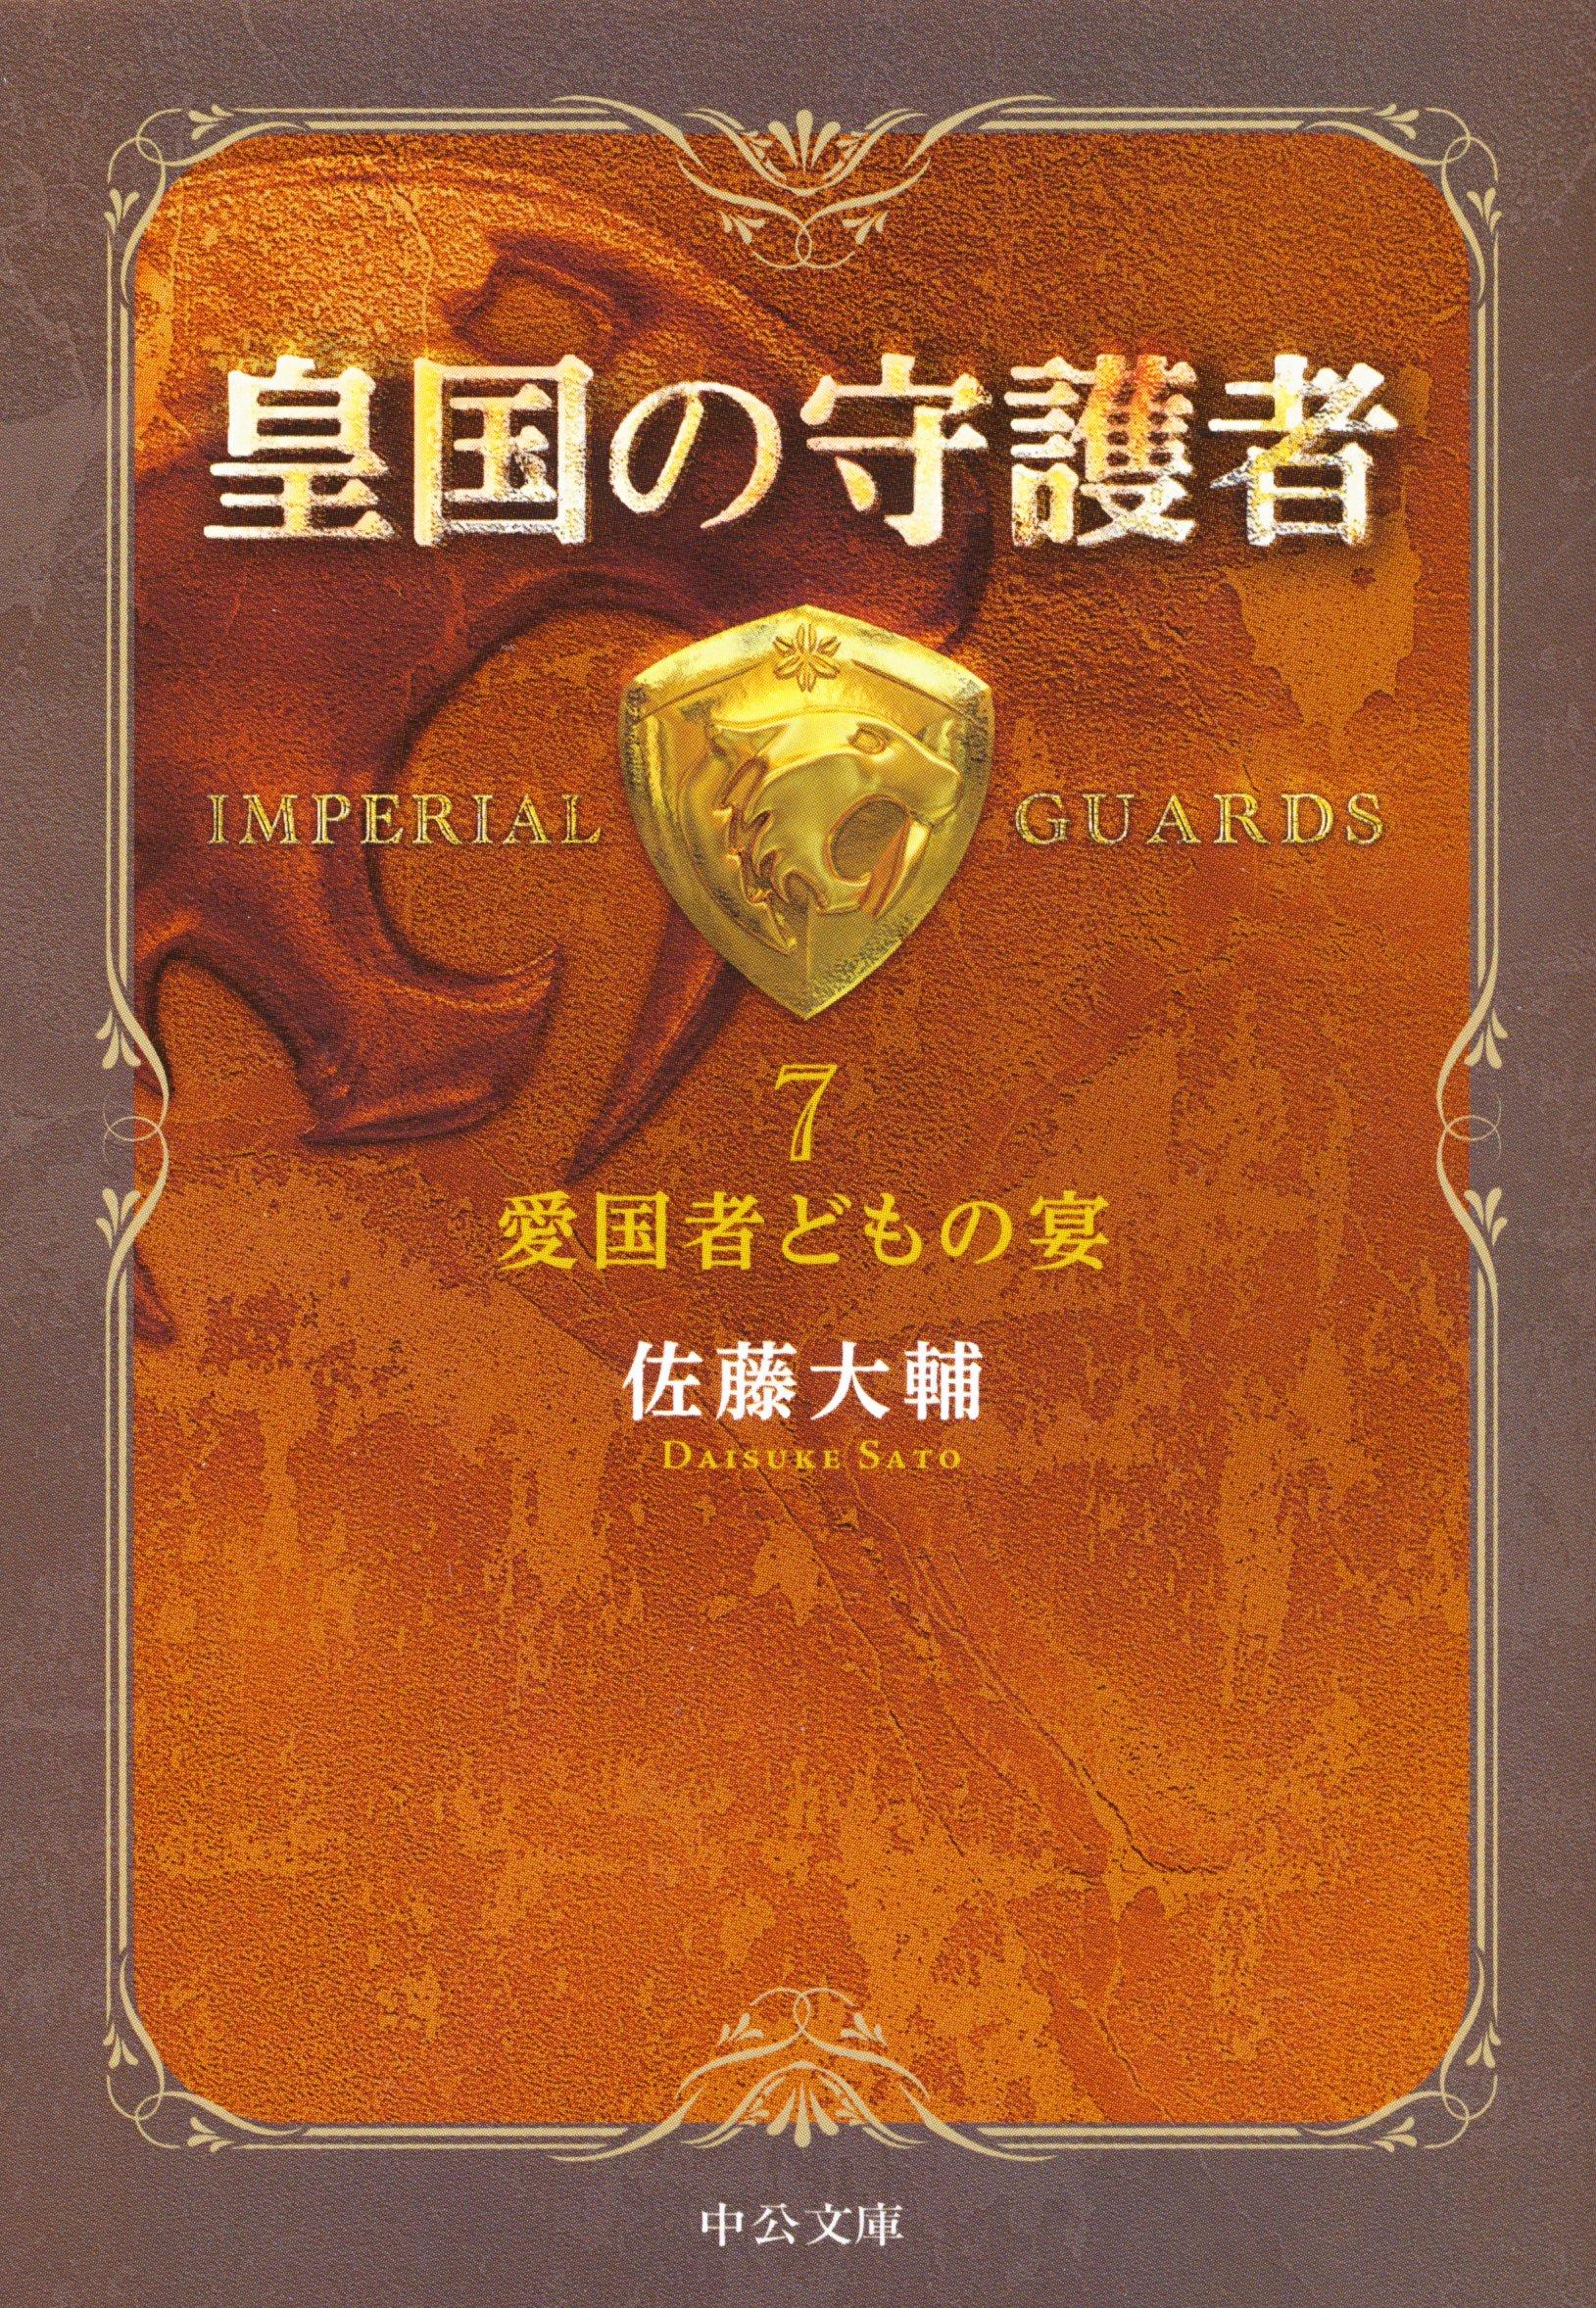 皇国の守護者 (7)